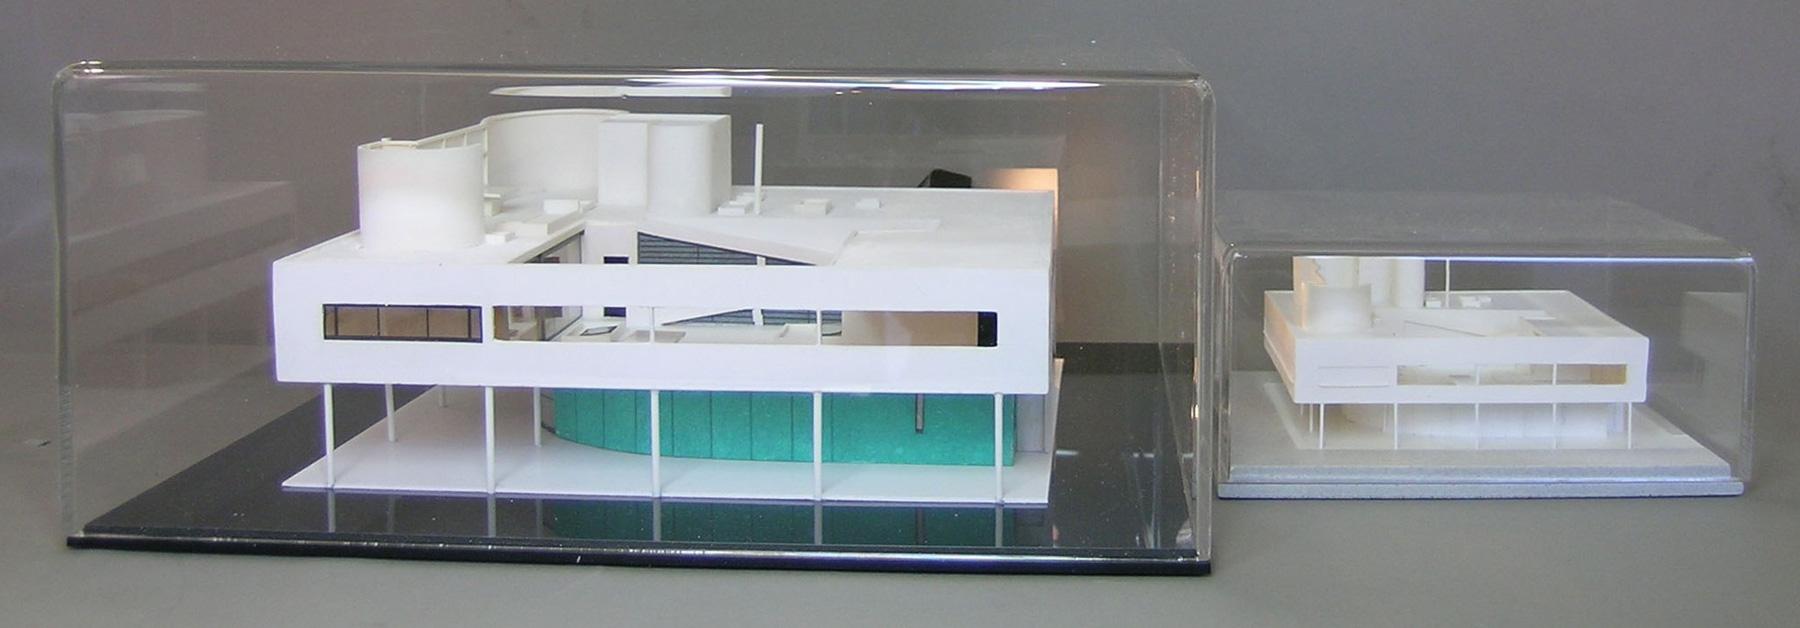 Il plastico di villa savoye for Ville architetti famosi